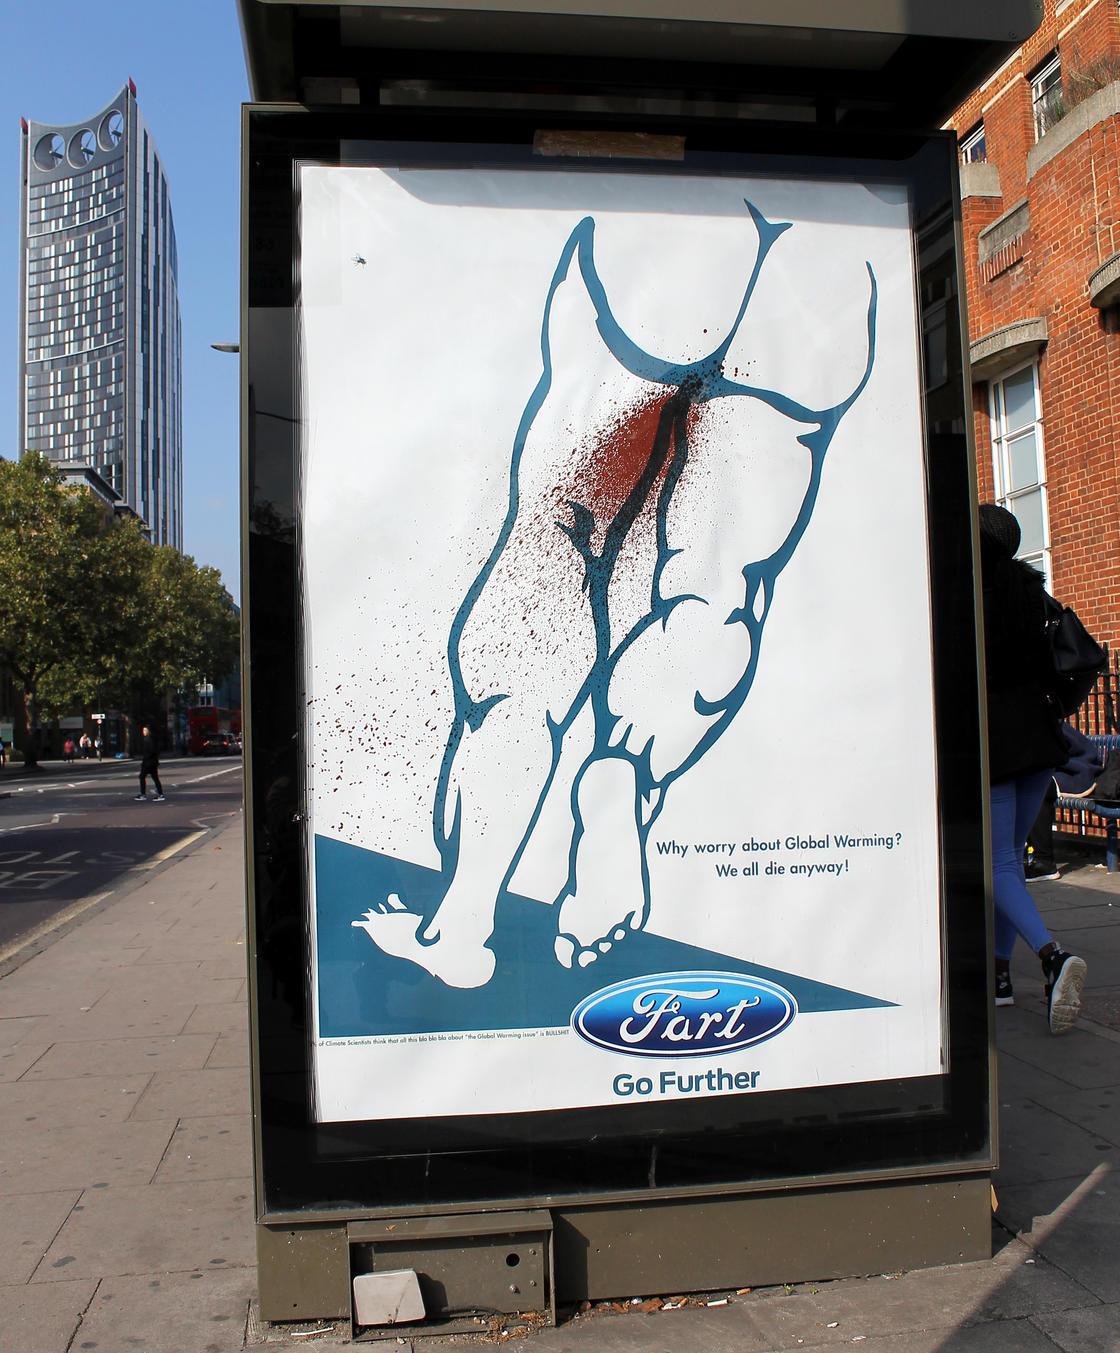 самые удачные рекламы картинки достоинства